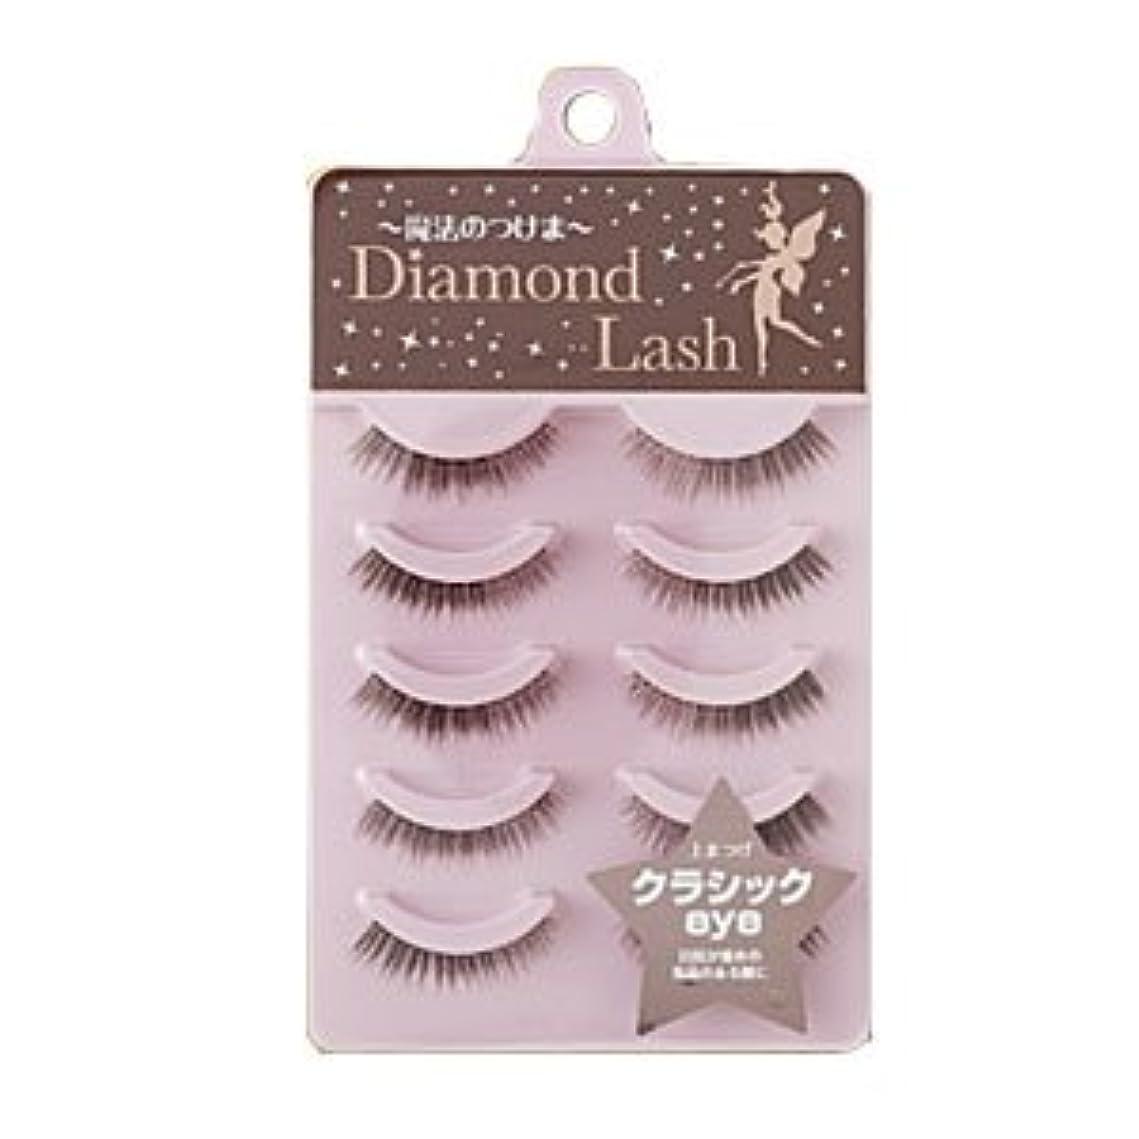 現実的を除くポスト印象派ダイヤモンドラッシュ Diamond Lash つけまつげ リッチブラウンシリーズ クラシックeye